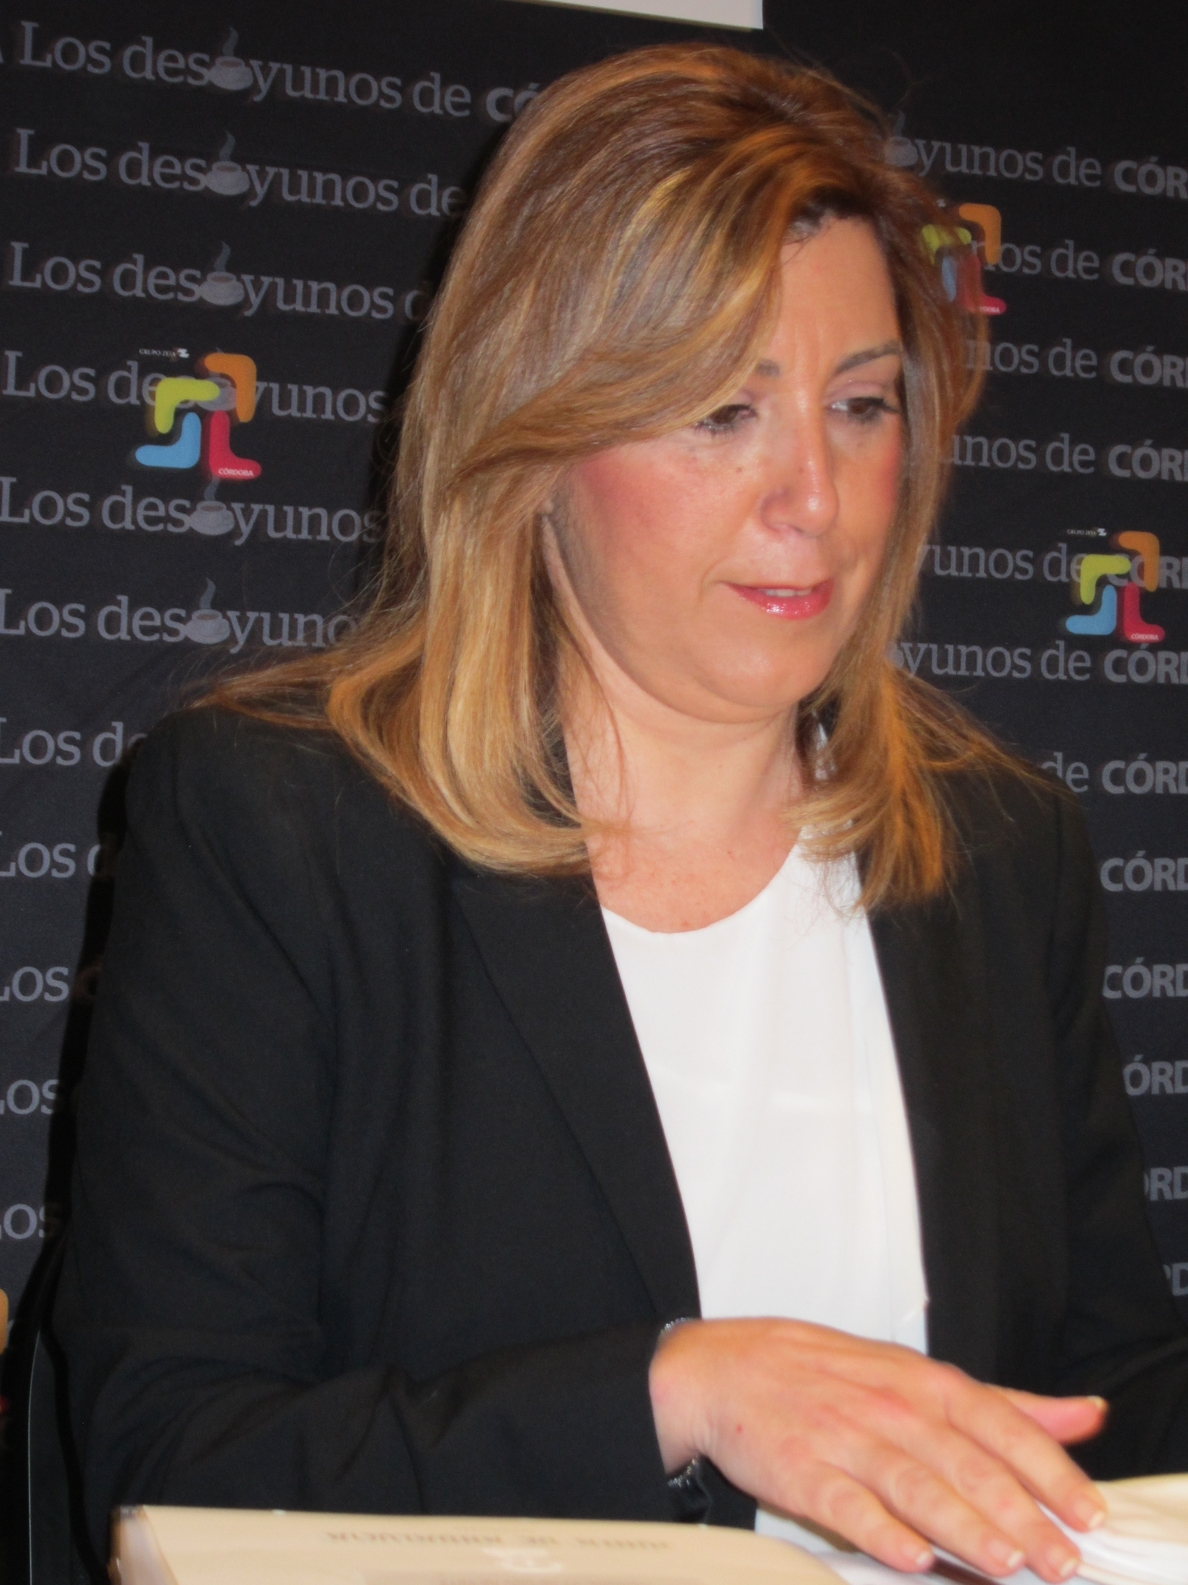 AMPL-Díaz:La Junta lleva siete meses revisando subvenciones a cursos de formación y «si alguien actuó mal lo va a pagar»